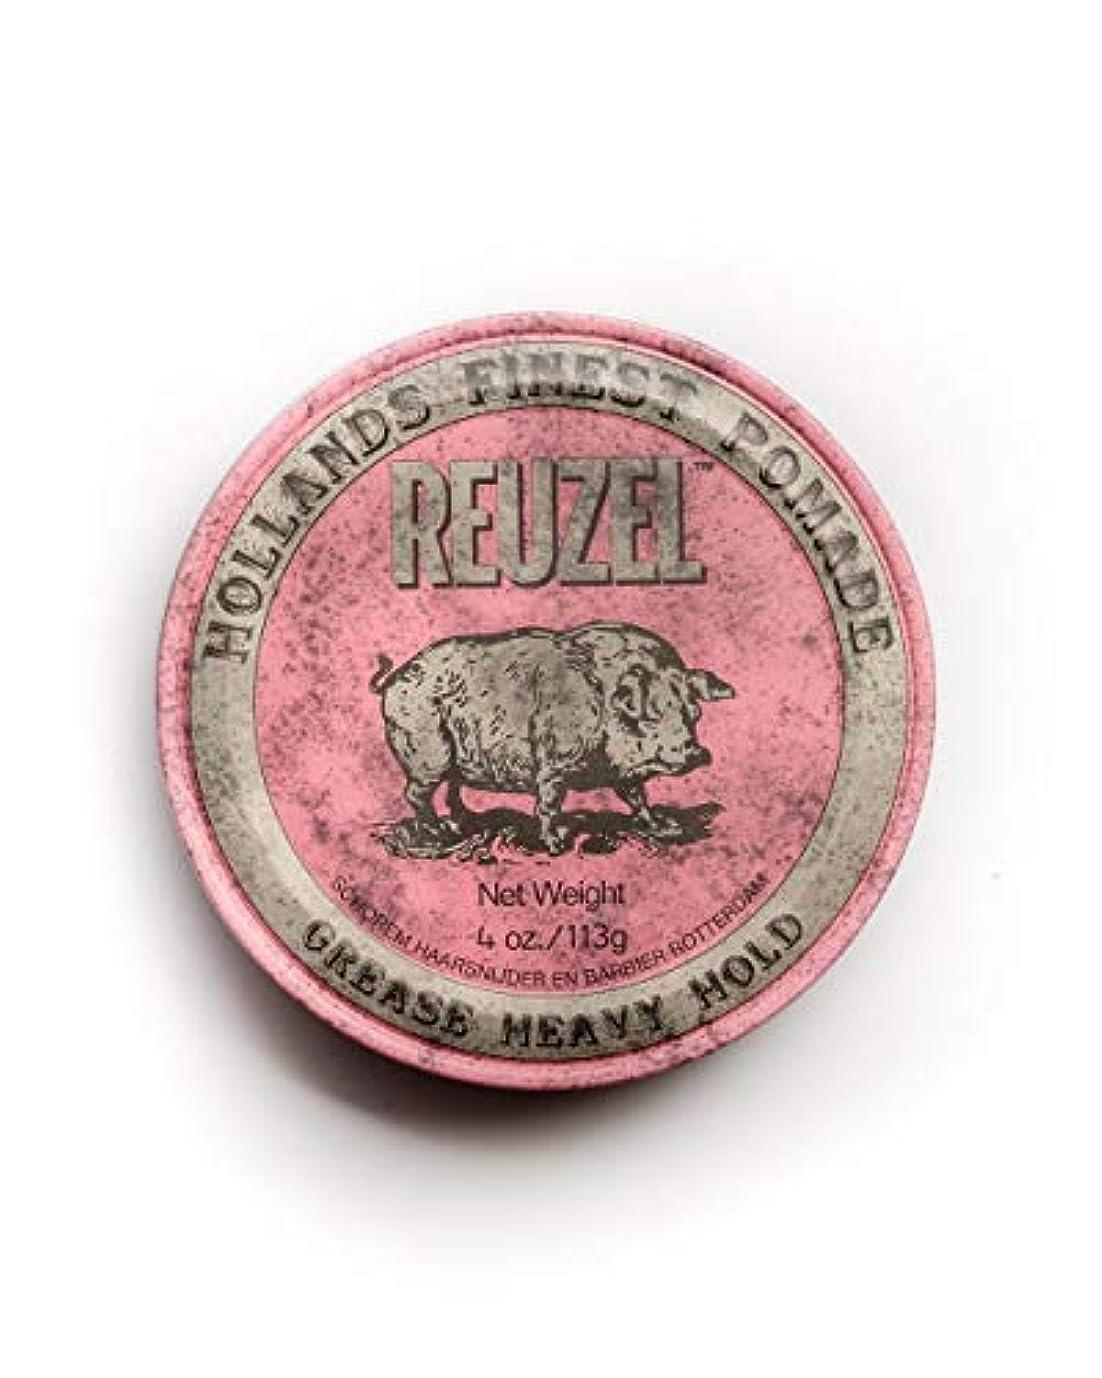 生む手伝う実験をするルーゾー ピンク ヘヴィーホールド ポマード Reuzel Pink Heavy Hold Grease pomade 113 g [並行輸入品]